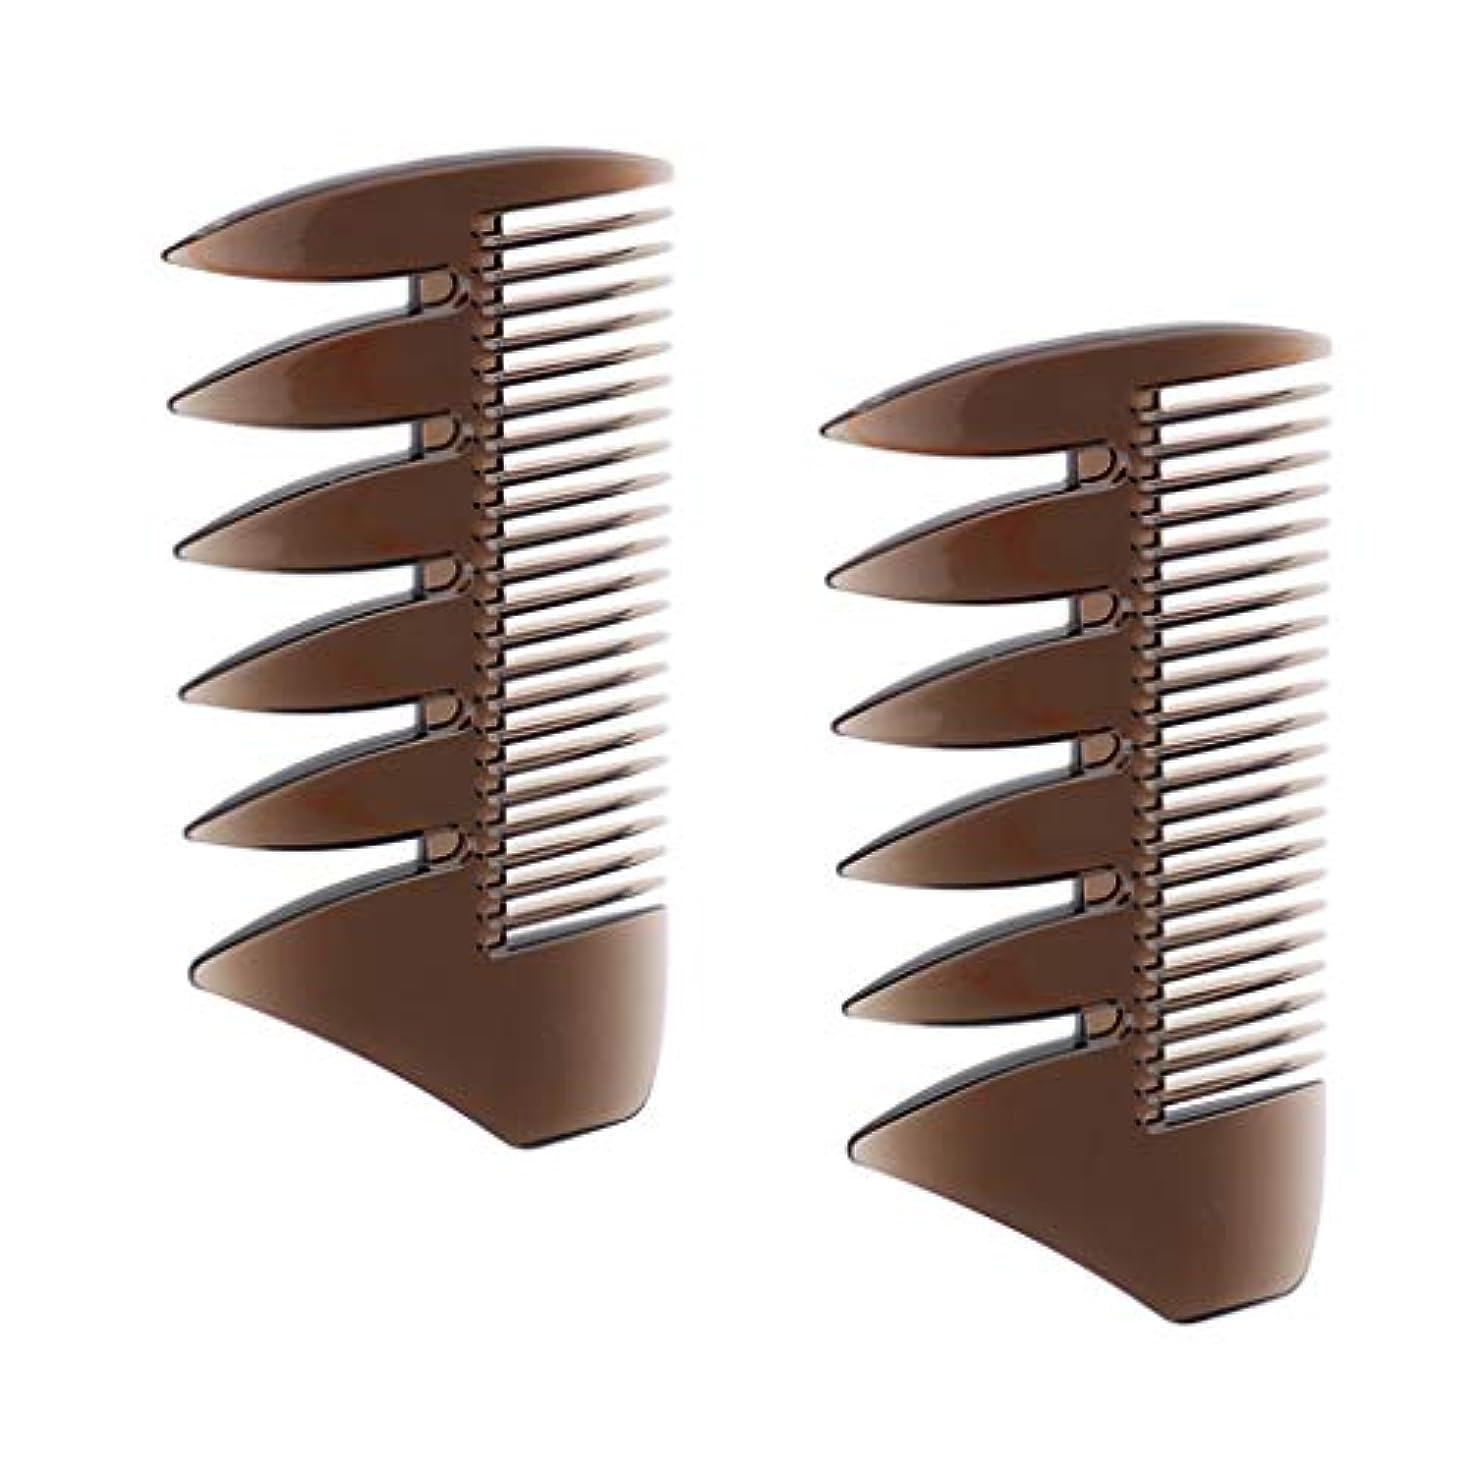 準備した教科書手当2個 ヘアコンビ デュアルサイド メンズ オイルの髪 櫛 ヘアサロン ヘアスタイリング